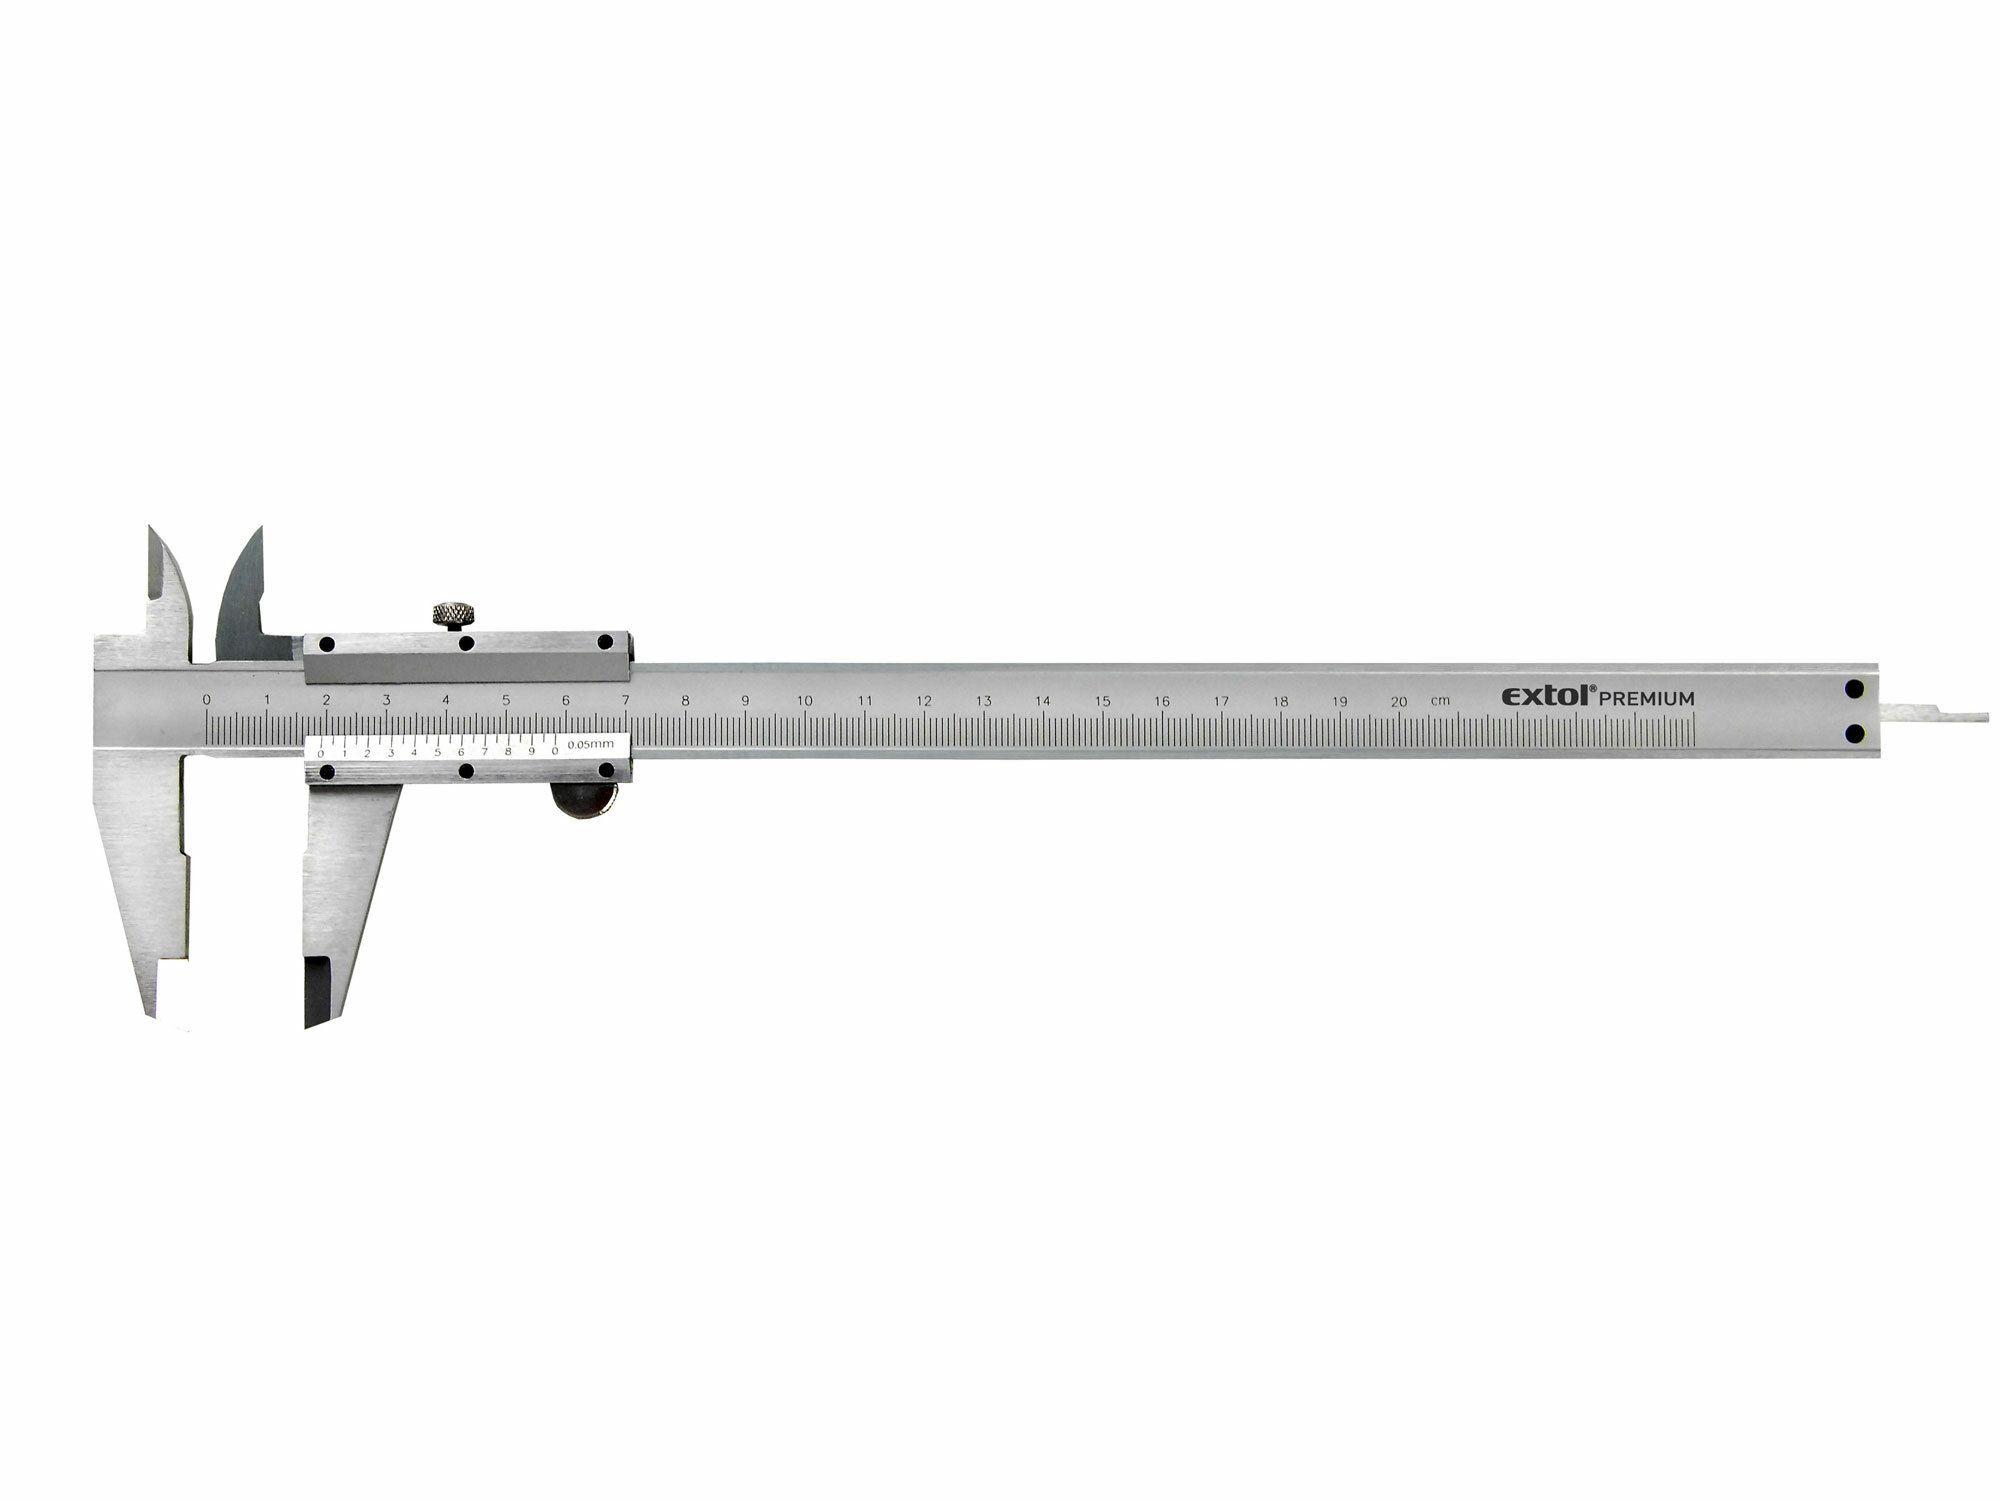 Měřítko posuvné kovové, dva typy čelistí pro různé typy měření, hloubkoměr